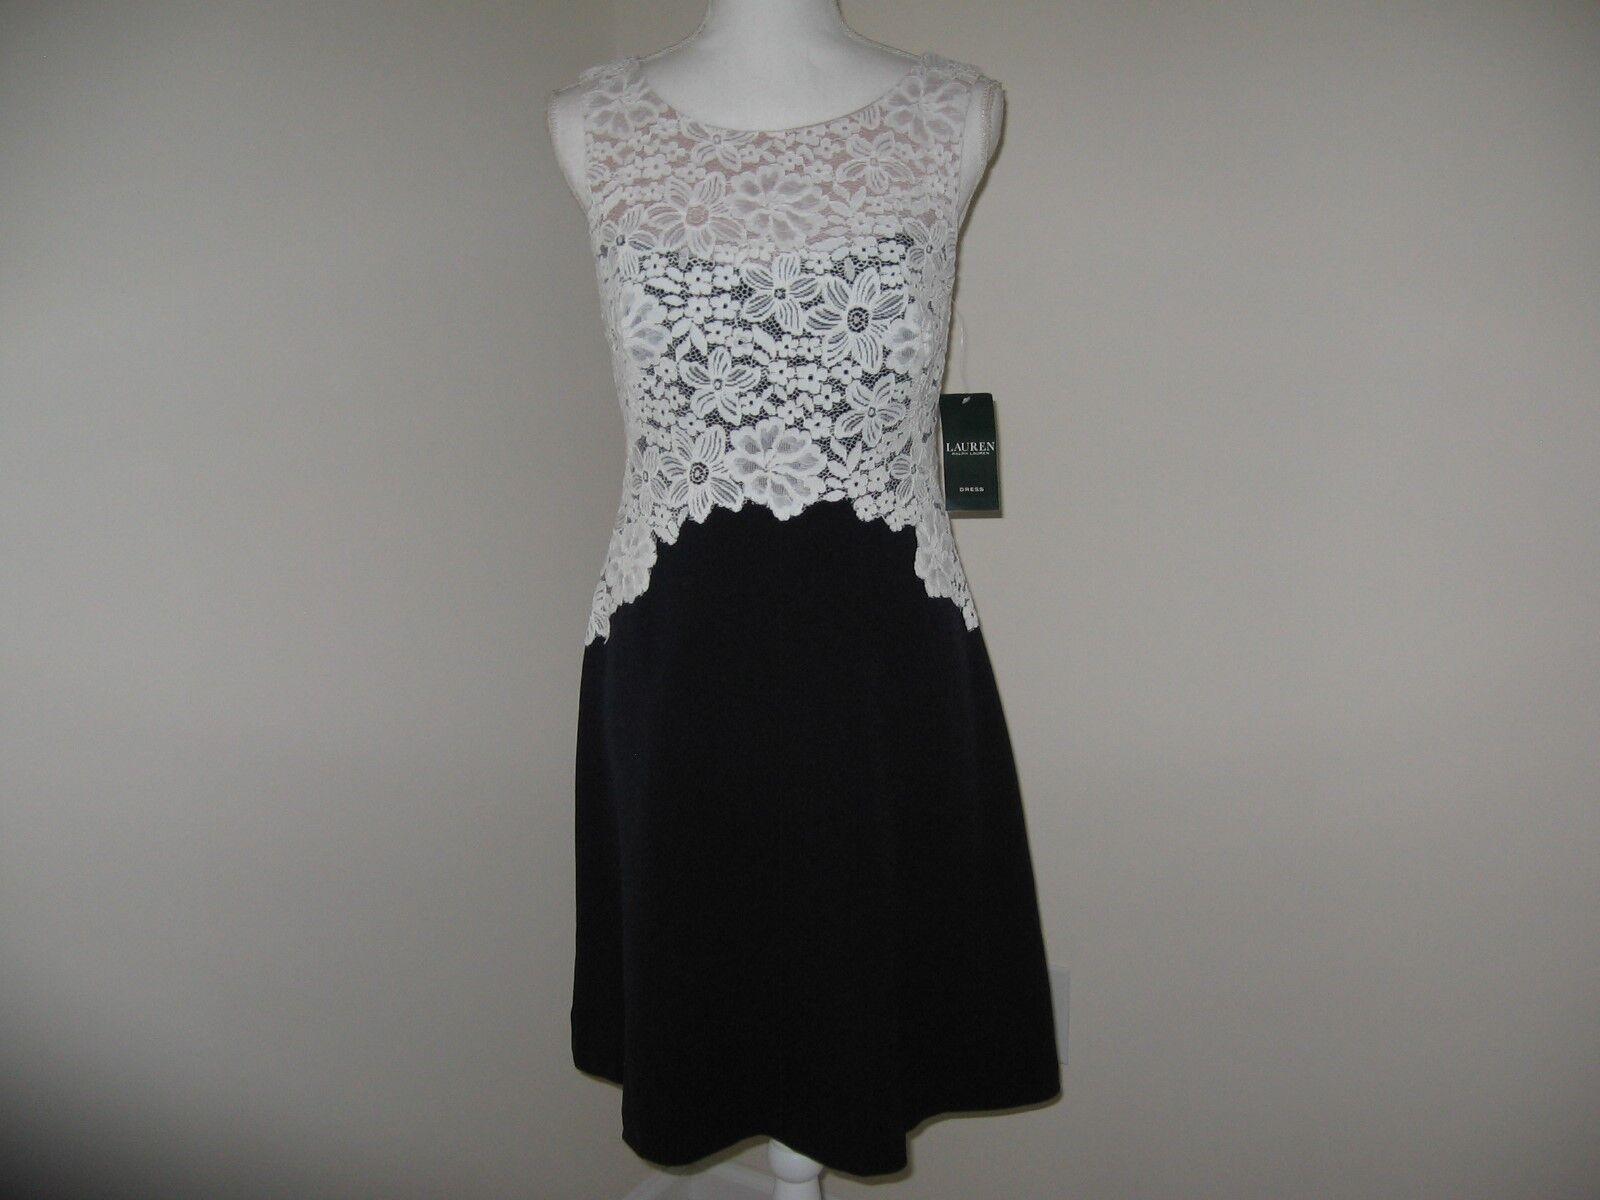 Lauren Ralph Lauren Lace-Bodice Crepe Dress Woman  2 NWT MSRP